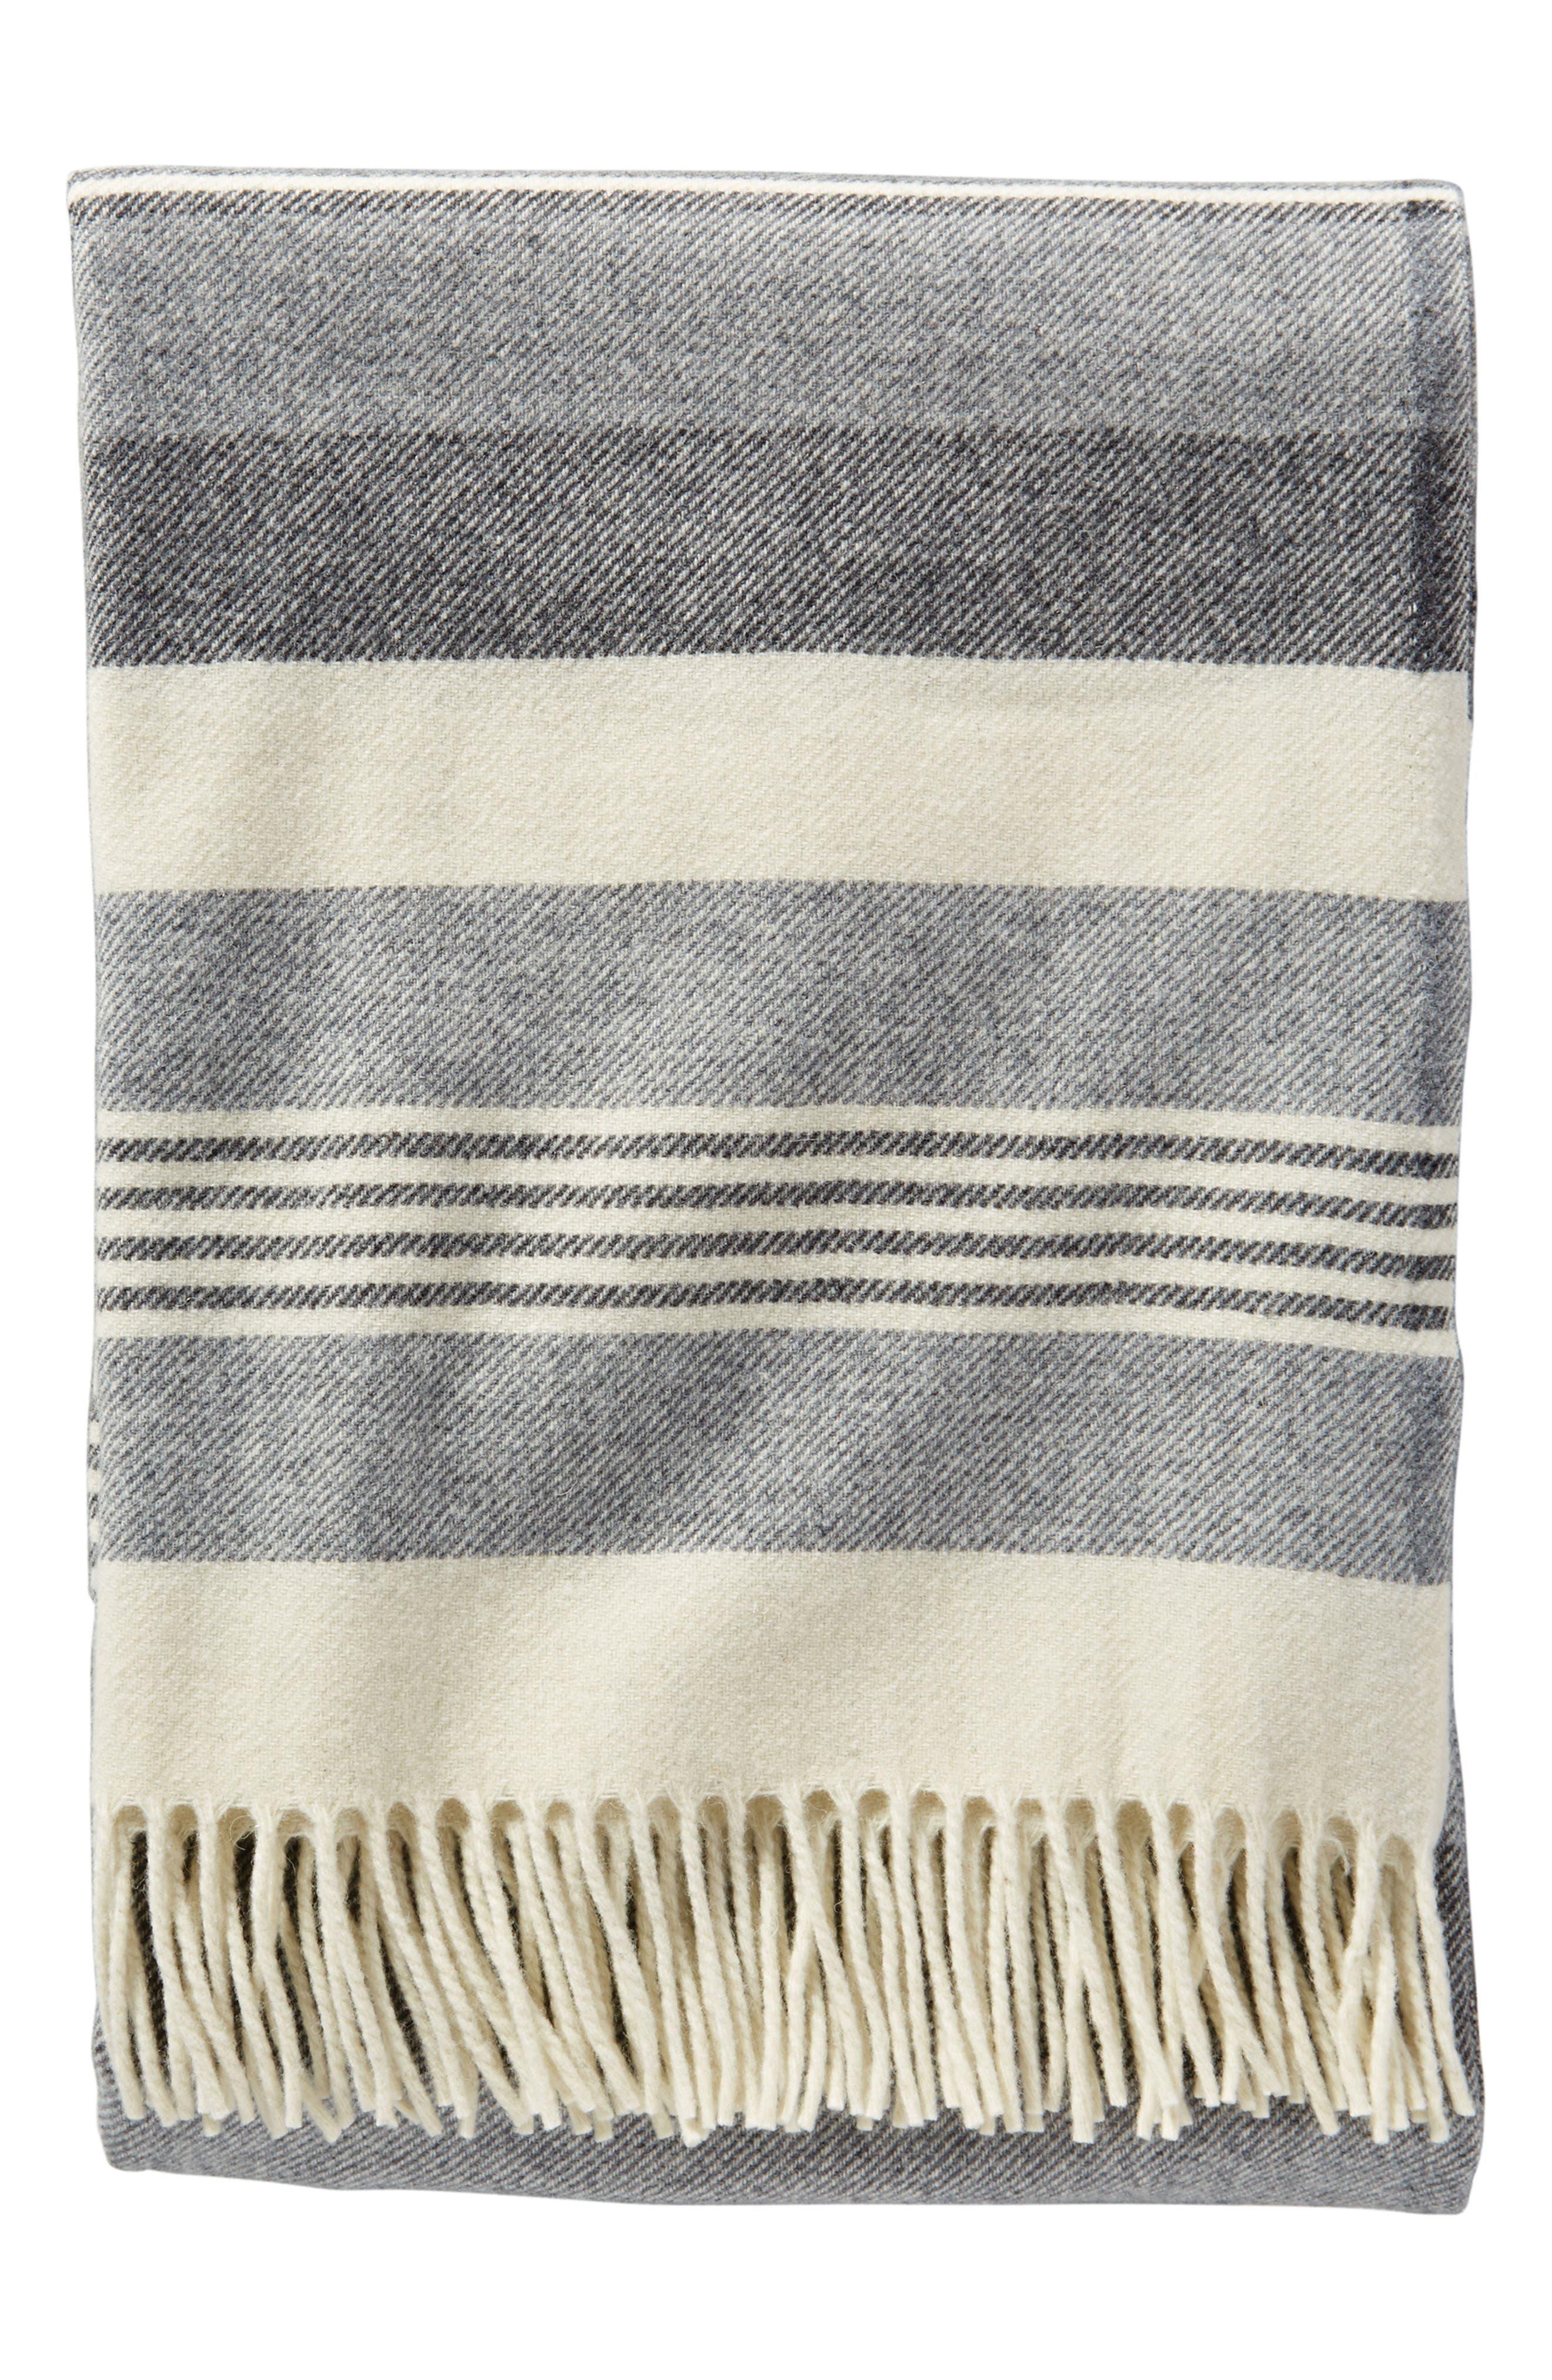 Horizon Stripe Lambswool Throw Blanket,                             Main thumbnail 1, color,                             DESERT DUSK